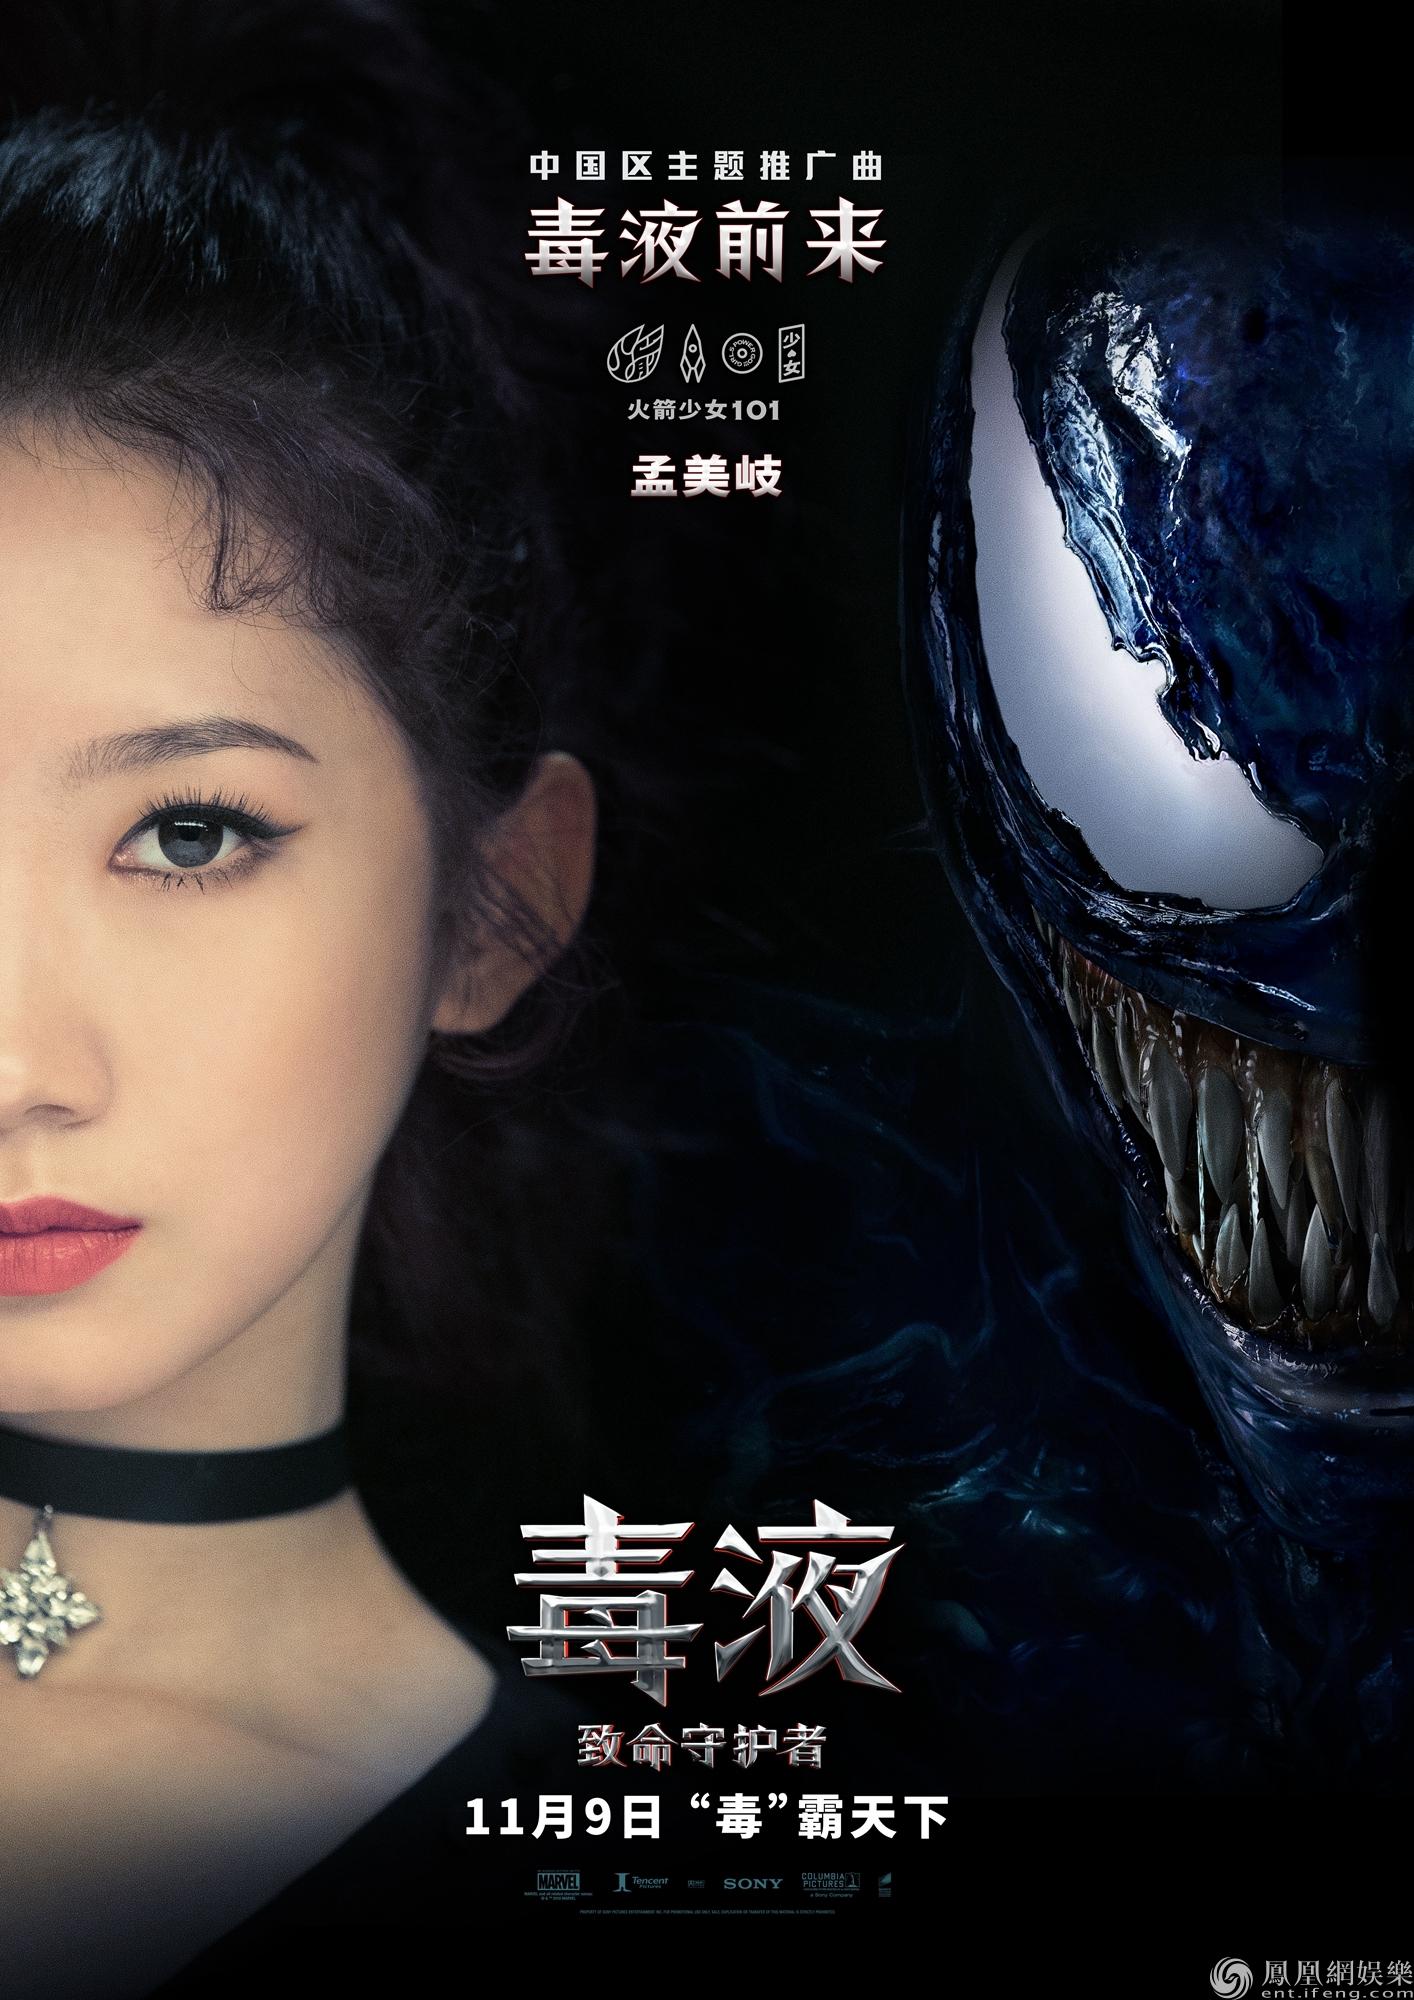 《毒液》中文推广曲MV首发 火箭少女101霸气演绎